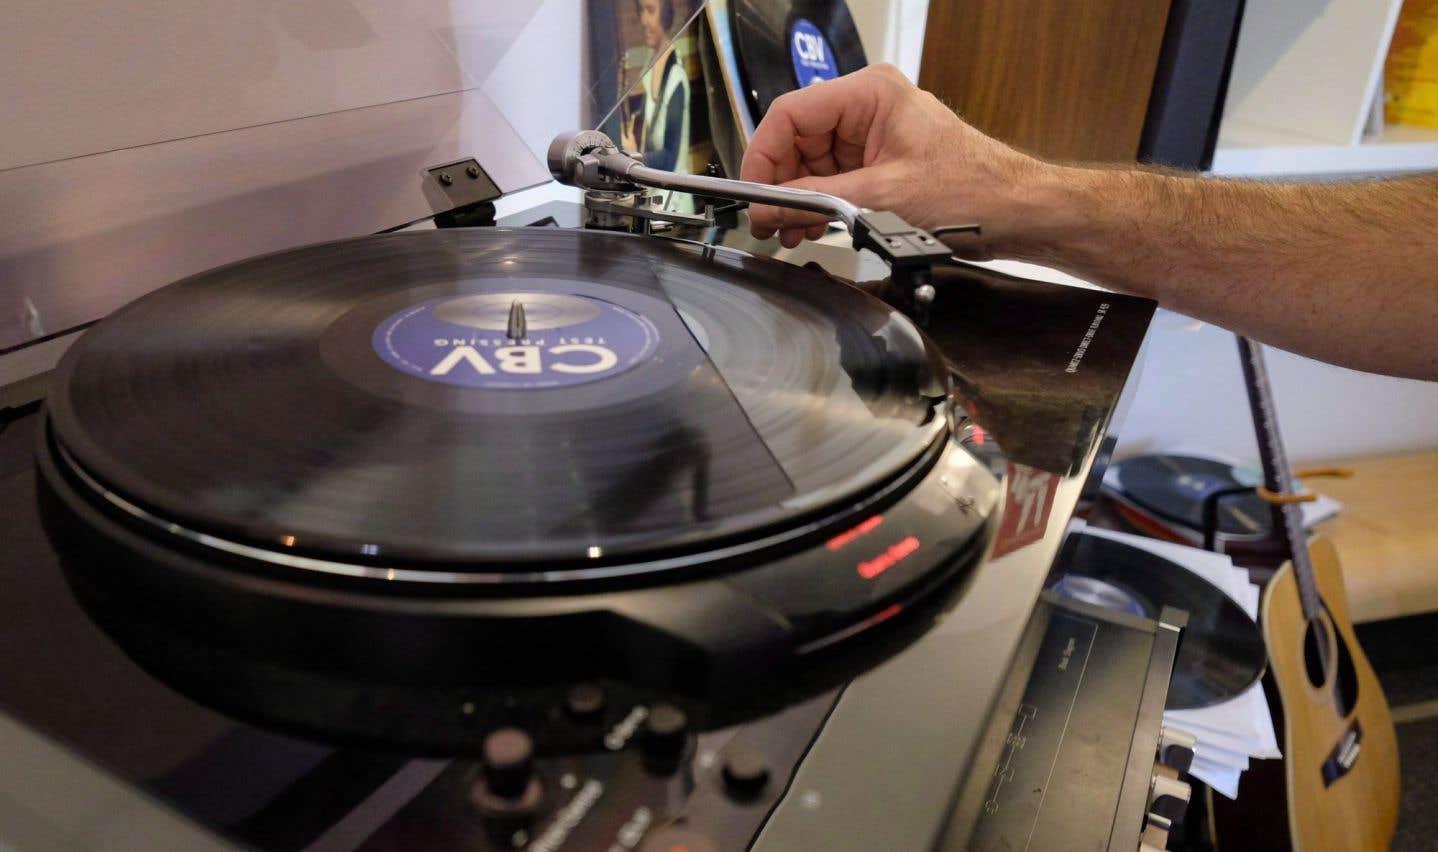 Meilleures ventes de vinyles en 25 ans au Royaume-Uni